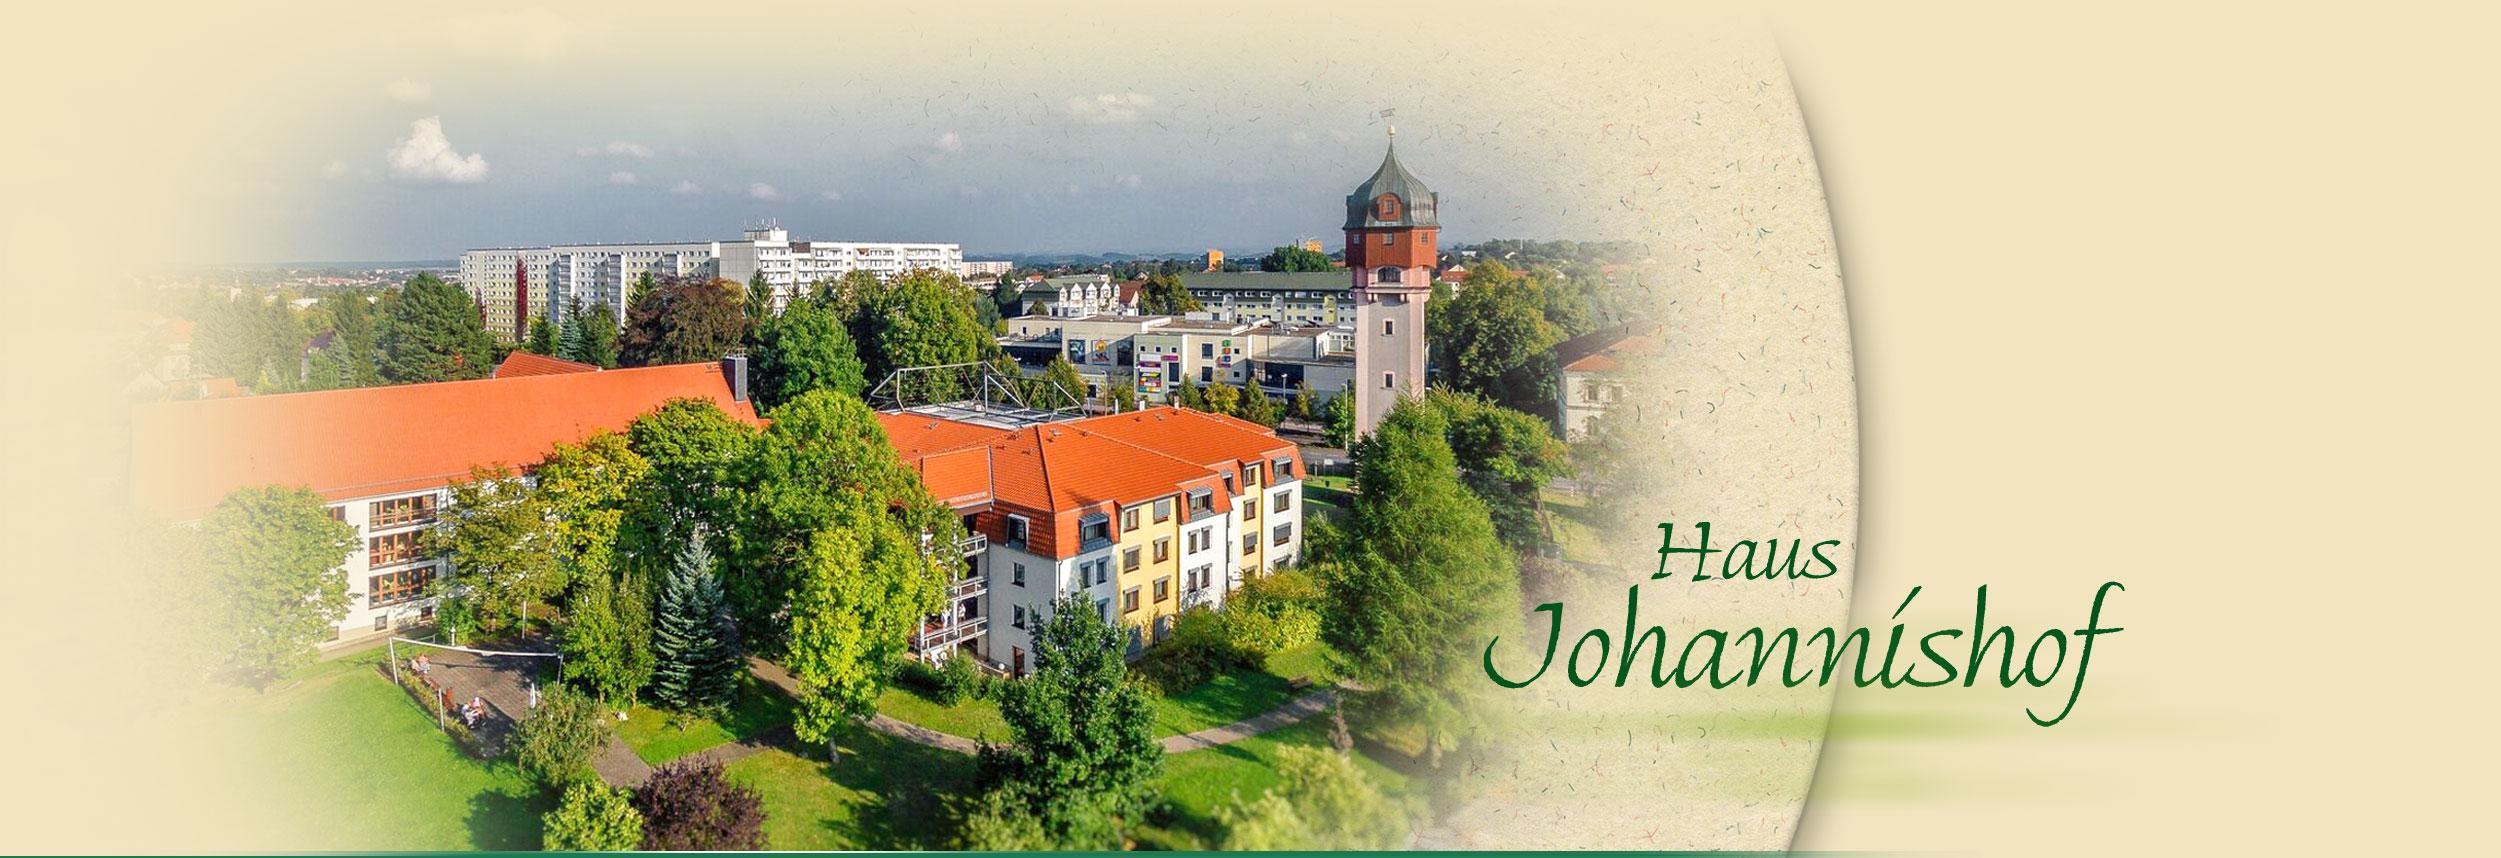 Haus Johannishof - Seniorenheime Freiberg gGmbH